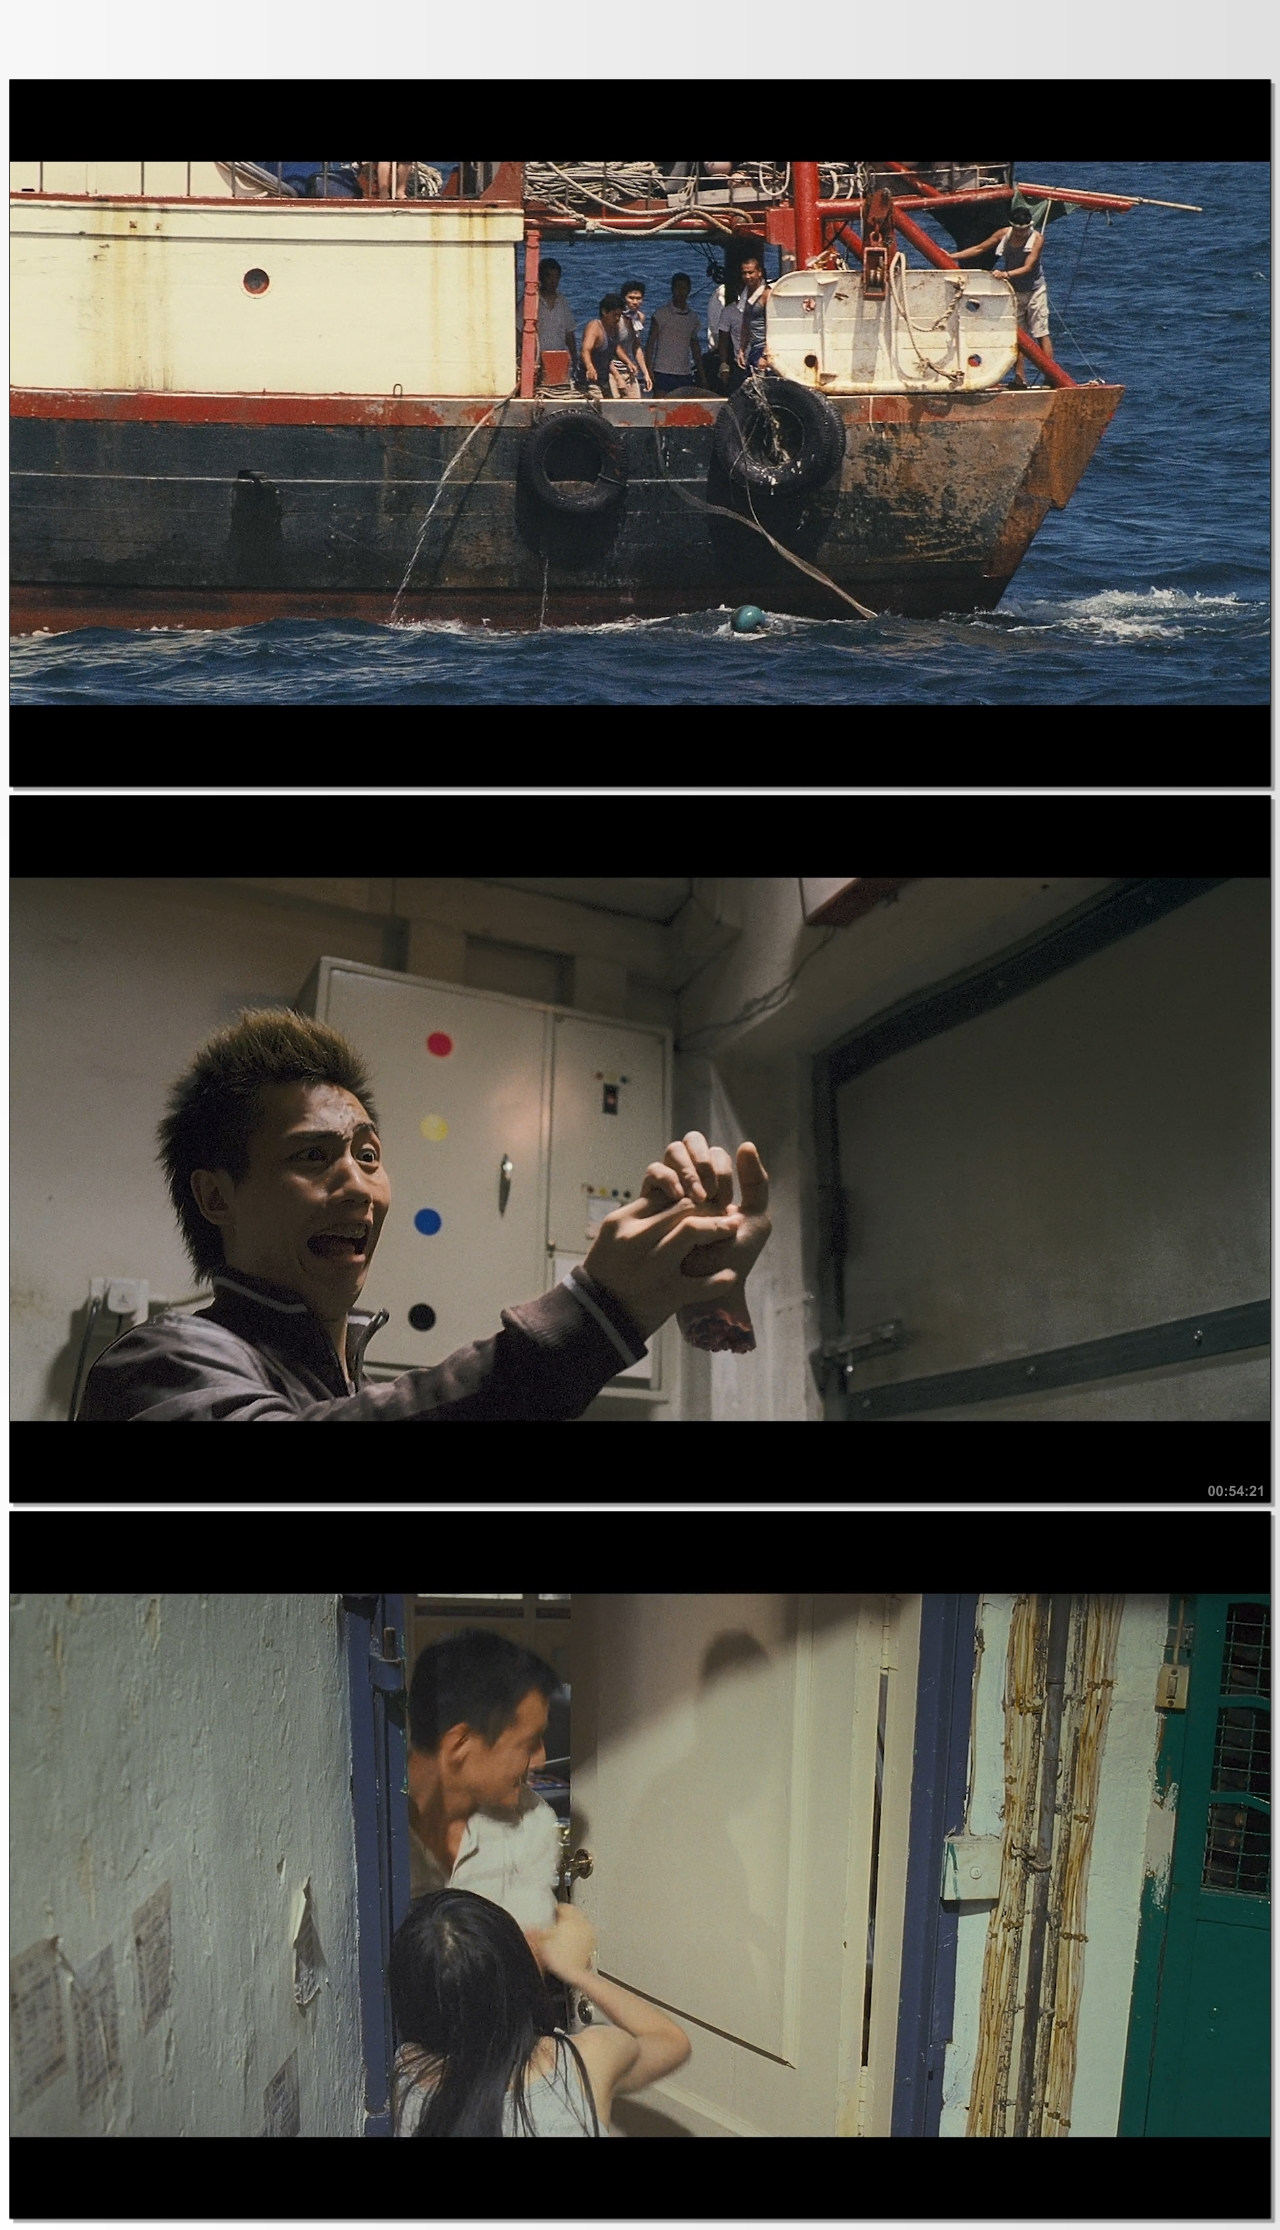 Môn Đồ - Protégé 2007 1080p NF WEB-DL DDP5.1 x264-TTG screenshots